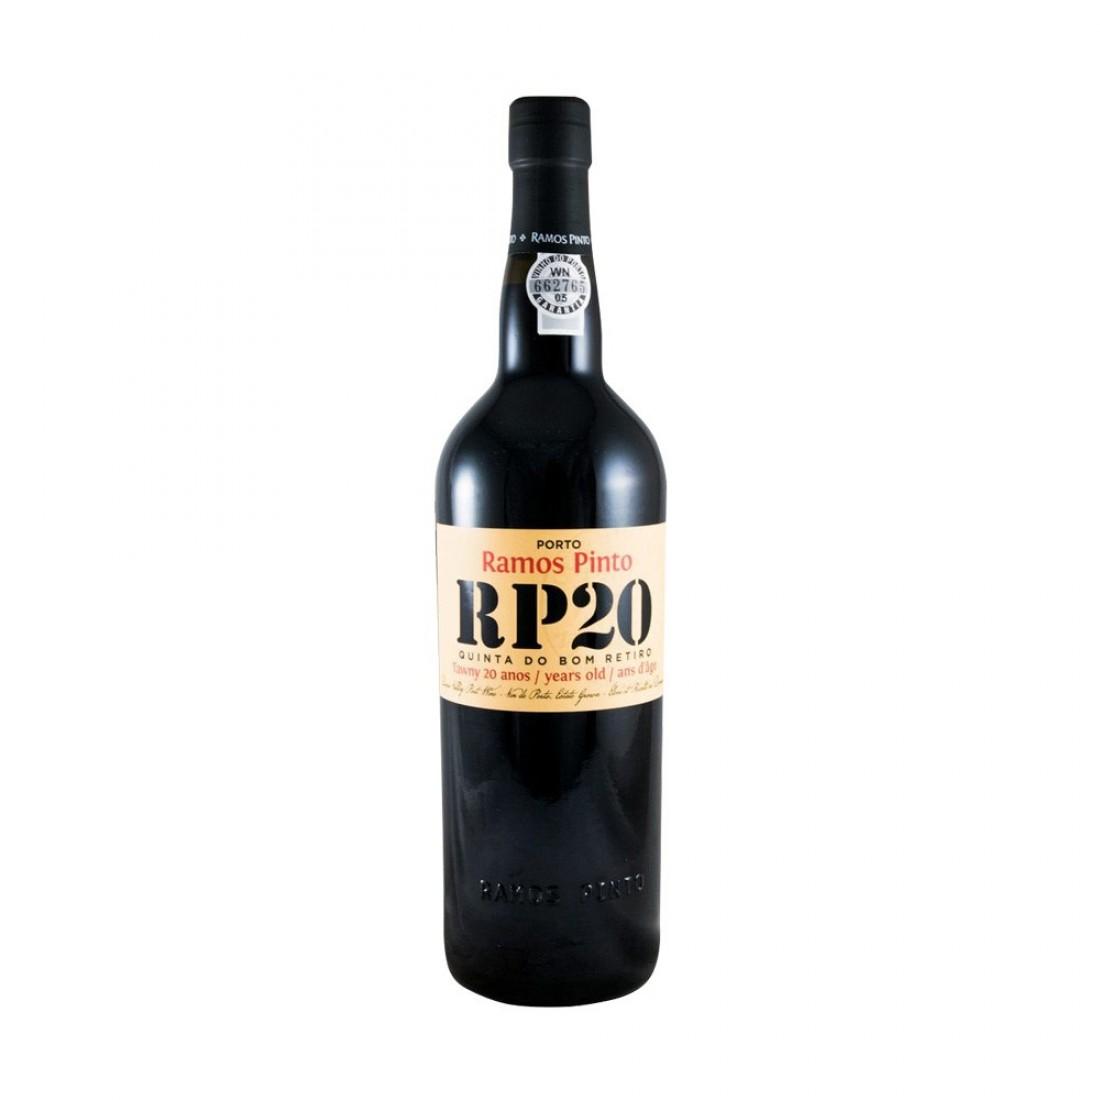 Vinho do Porto Ramos Pinto Quinta do Bom Retiro Tawny 20 anos